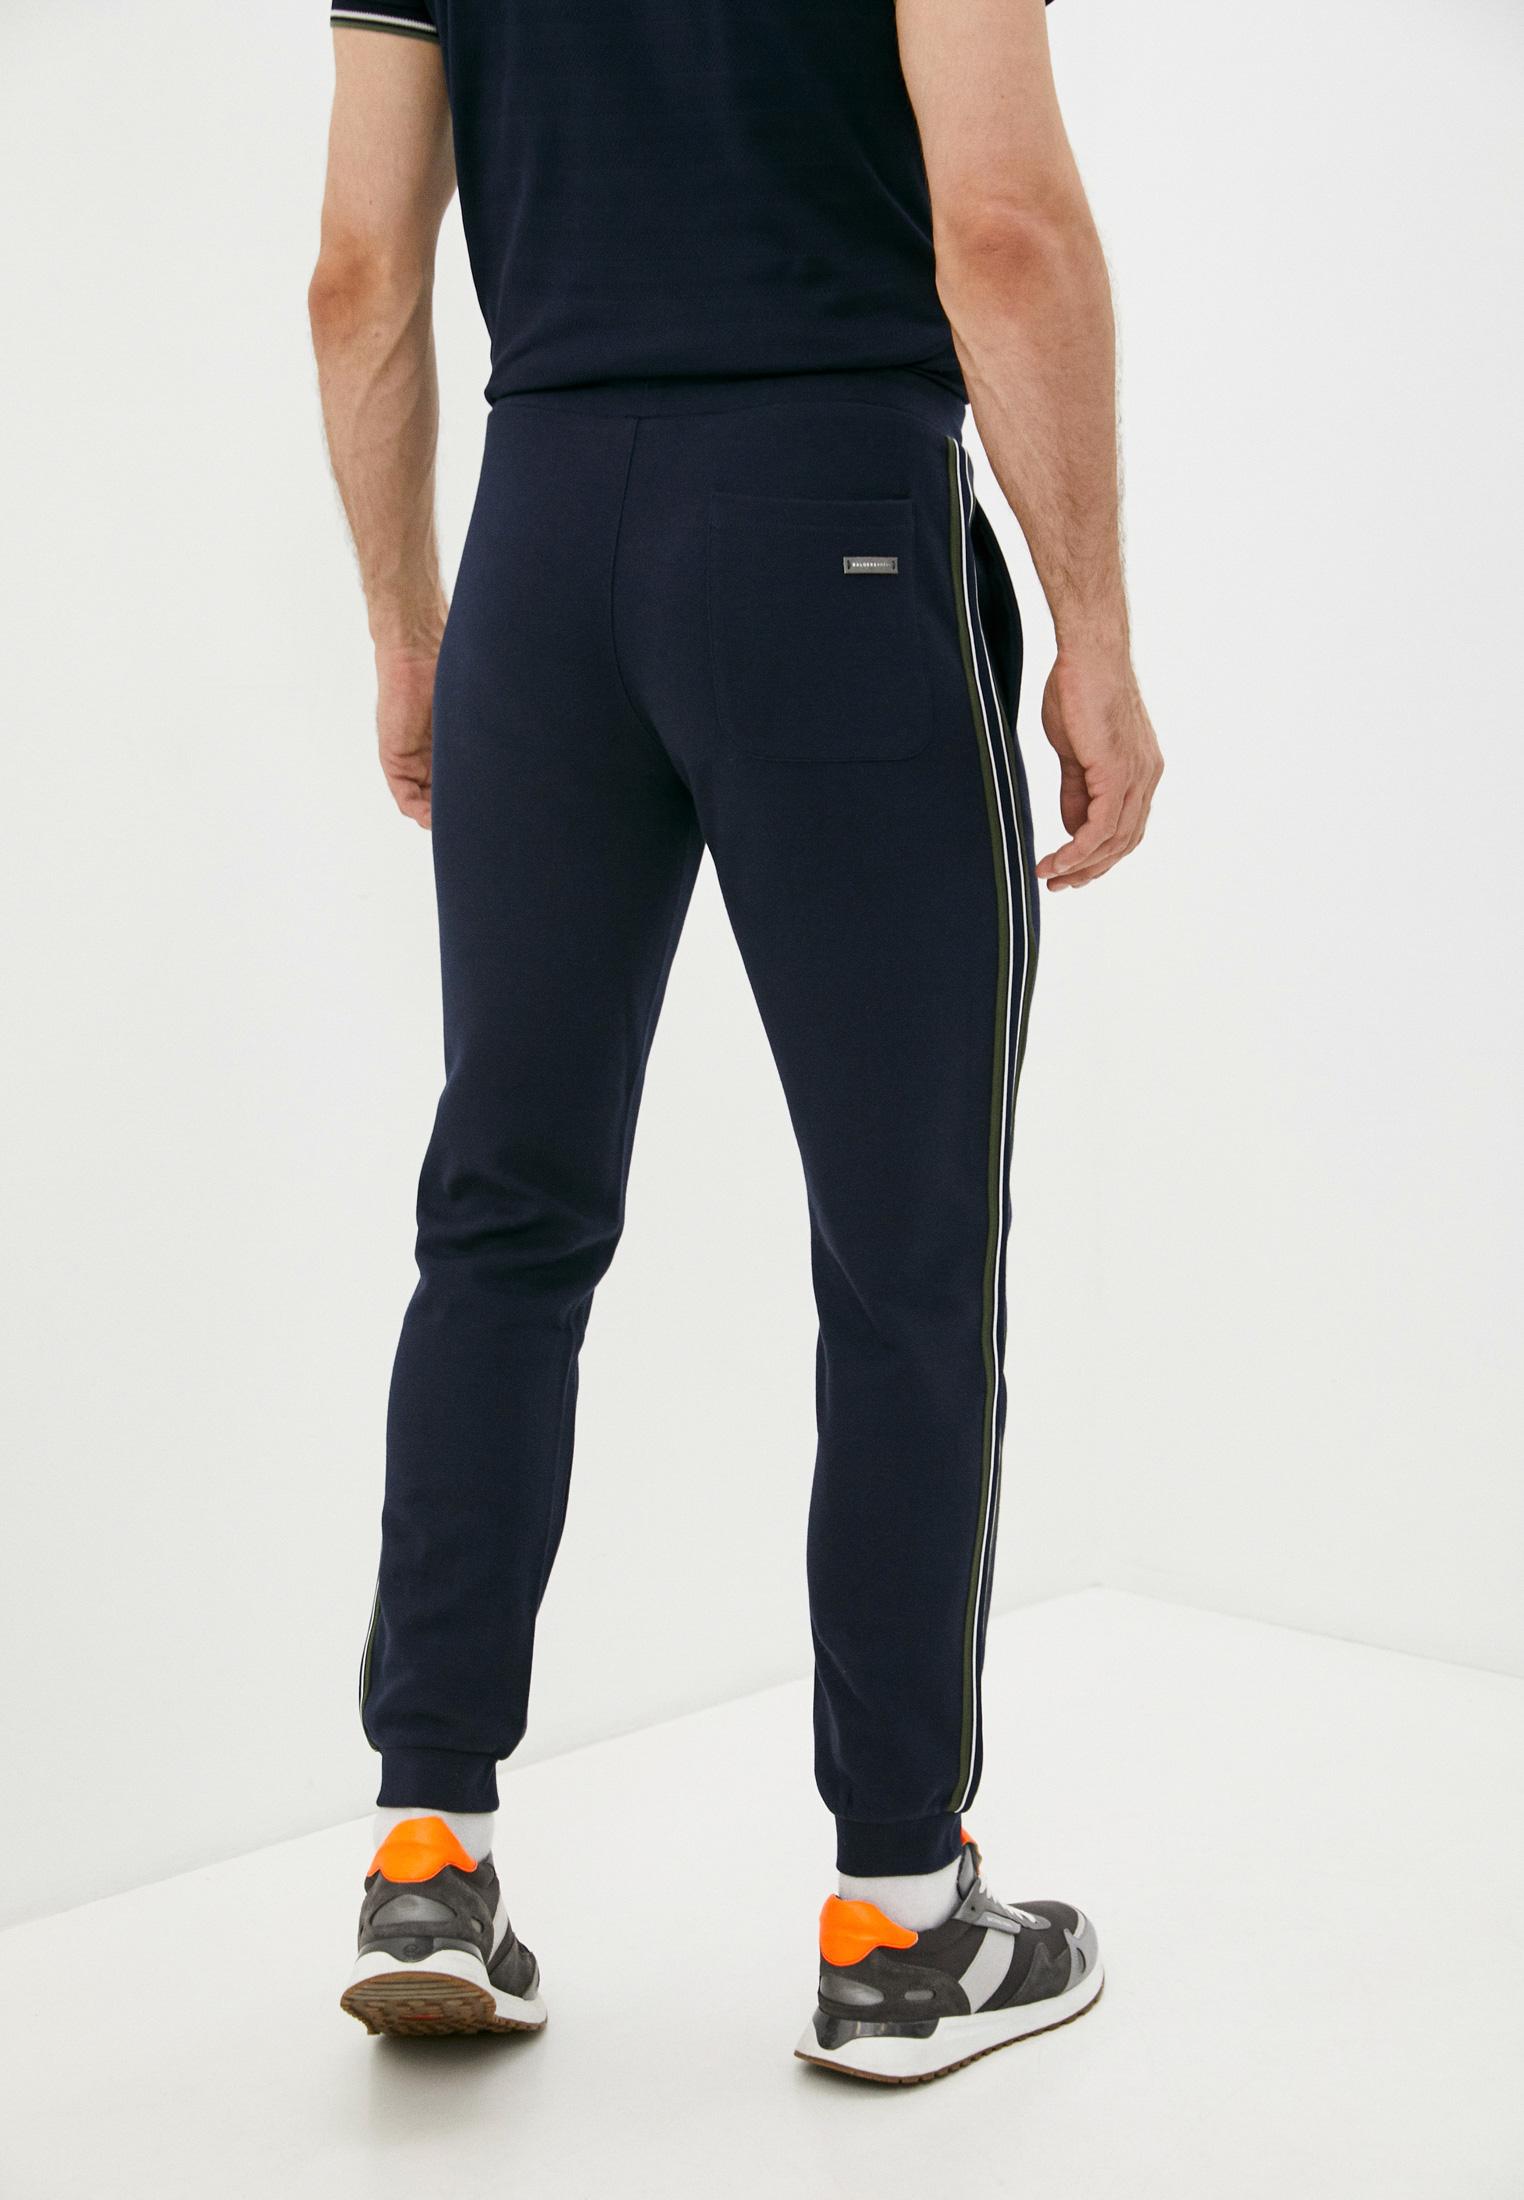 Мужские спортивные брюки BALDESSARINI (Балдессарини) 90003.5011: изображение 4